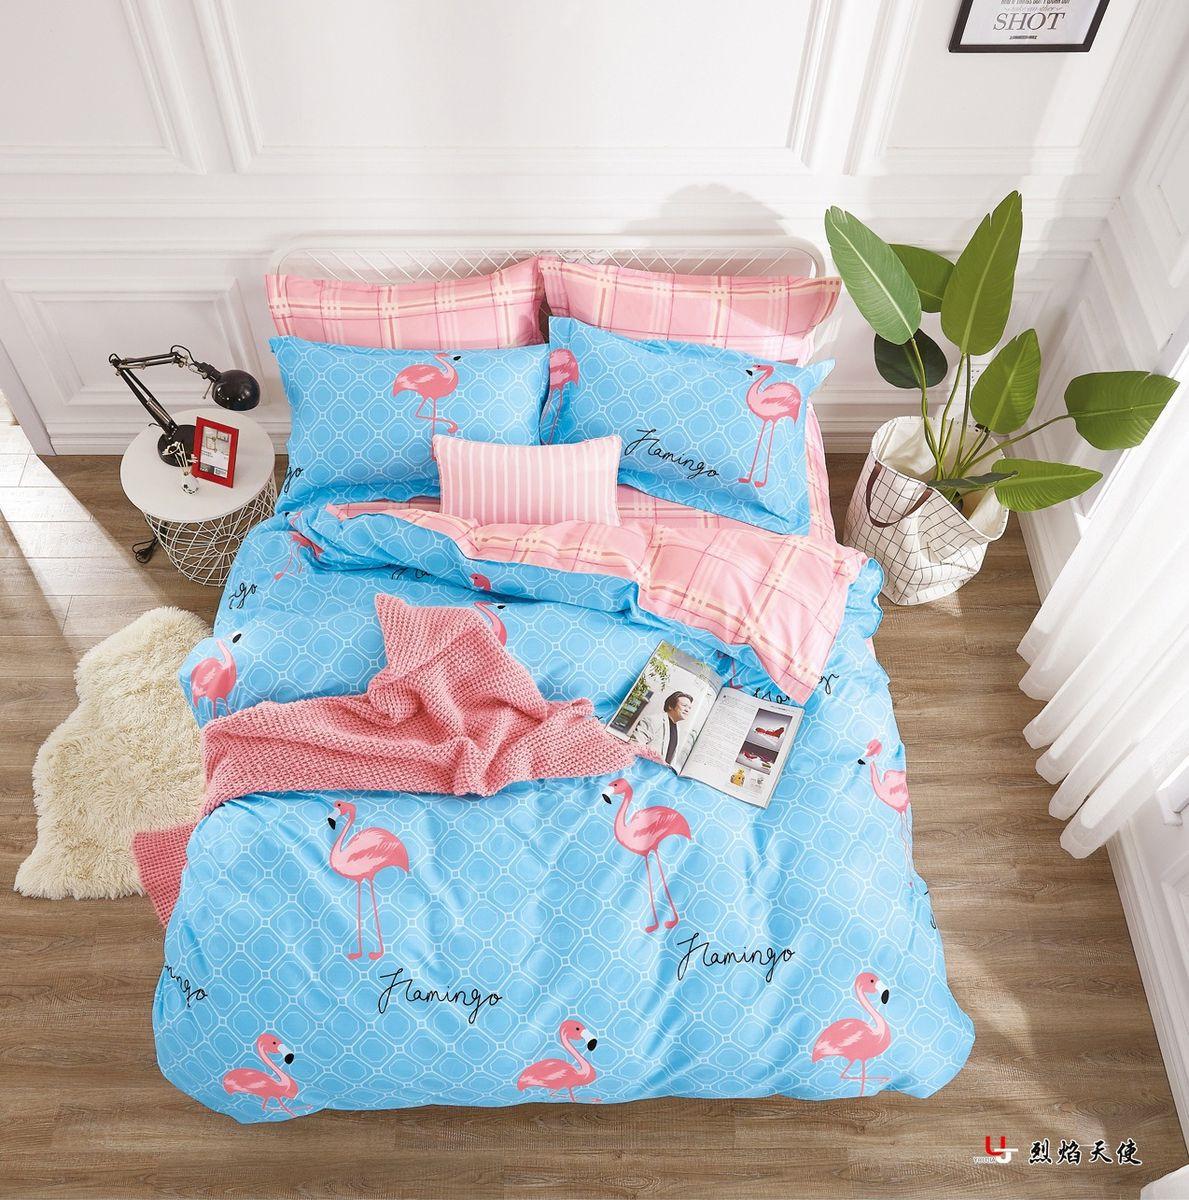 Комплект постельного белья Guten Morgen Перкаль, Пг-797-143-150-70, голубой, 1,5 спальный, наволочки 70x70 комплект постельного белья guten morgen перкаль пг 797 175 220 70 голубой 2 х спальный наволочки 70x70